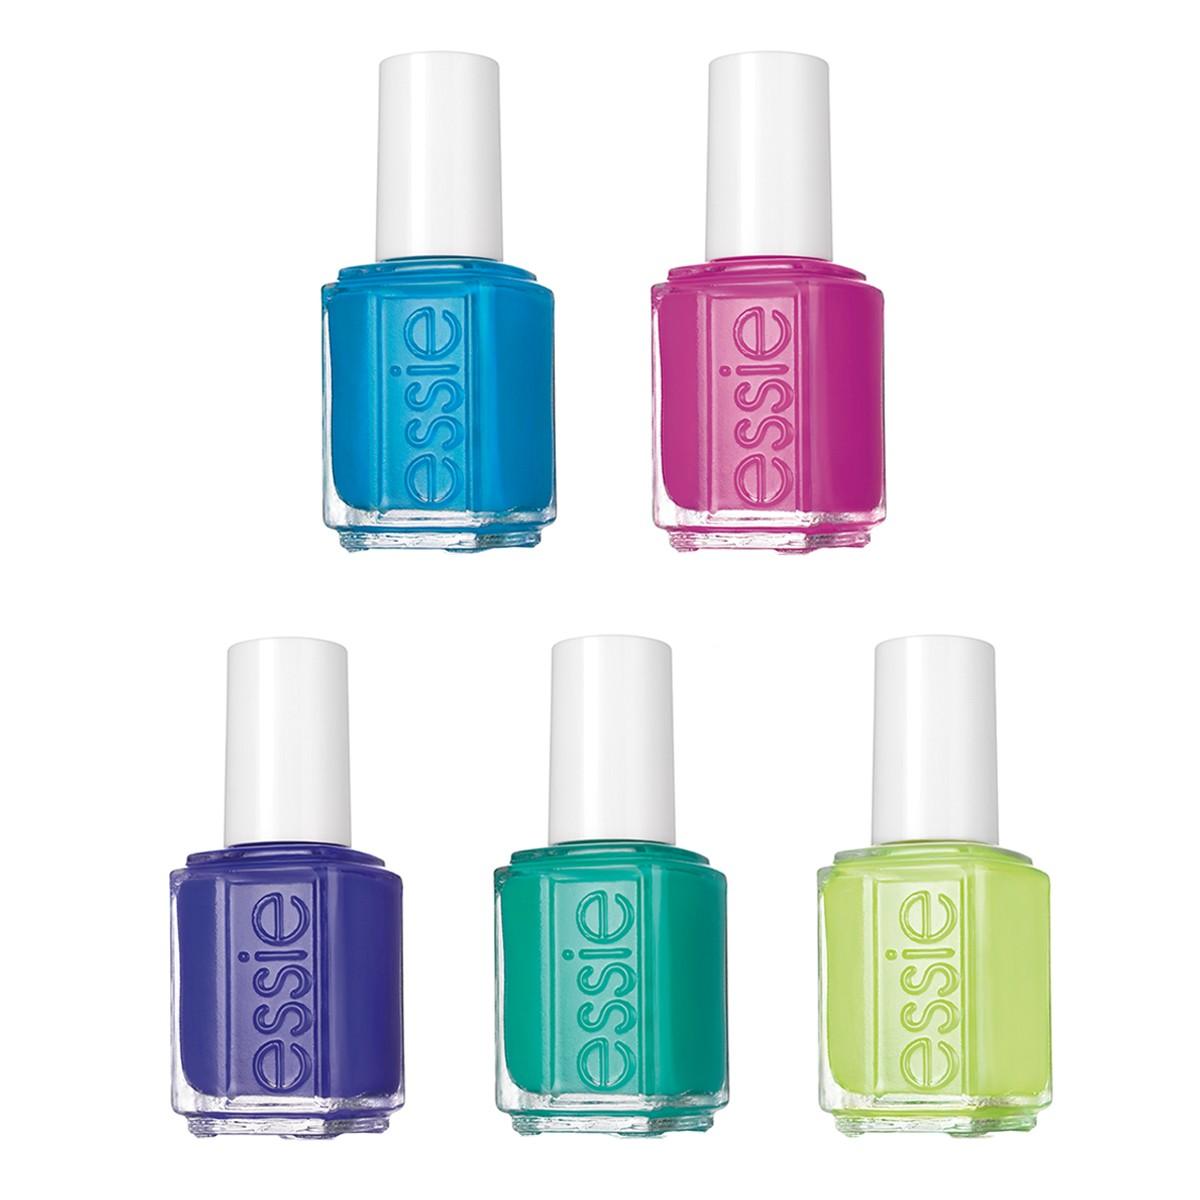 エッシーから「Summer Neon Collection」ネイルポリッシュを計5名様にプレゼント!